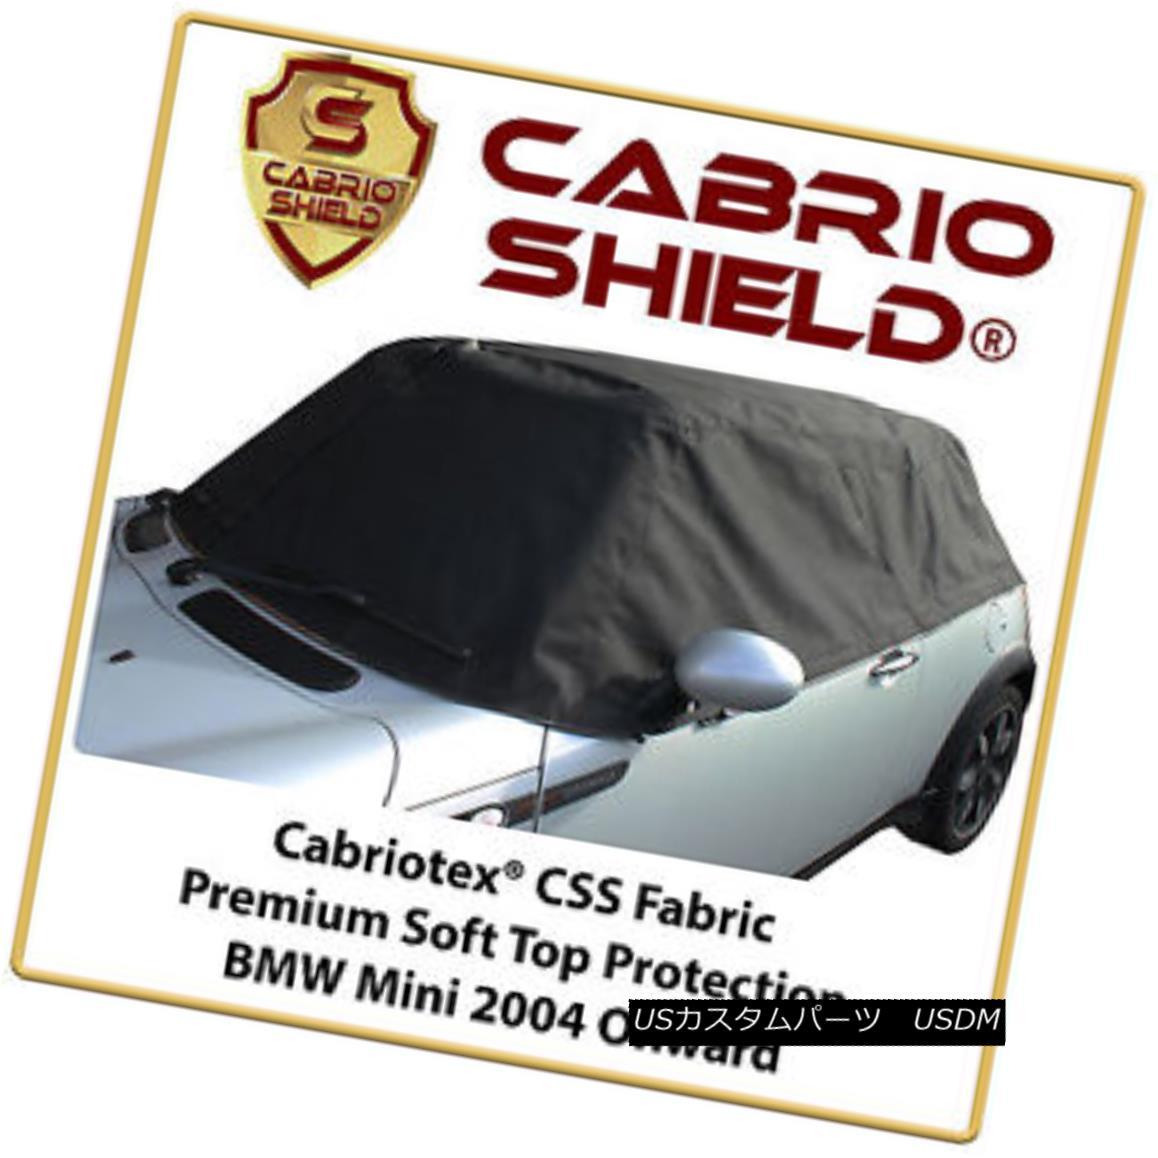 幌・ソフトトップ Mini Convertible Soft Top Protection Premium Cabrio Shield 2004-2008 ミニコンバーチブルソフトトッププロテクションプレミアムカブリオシールド2004-2008